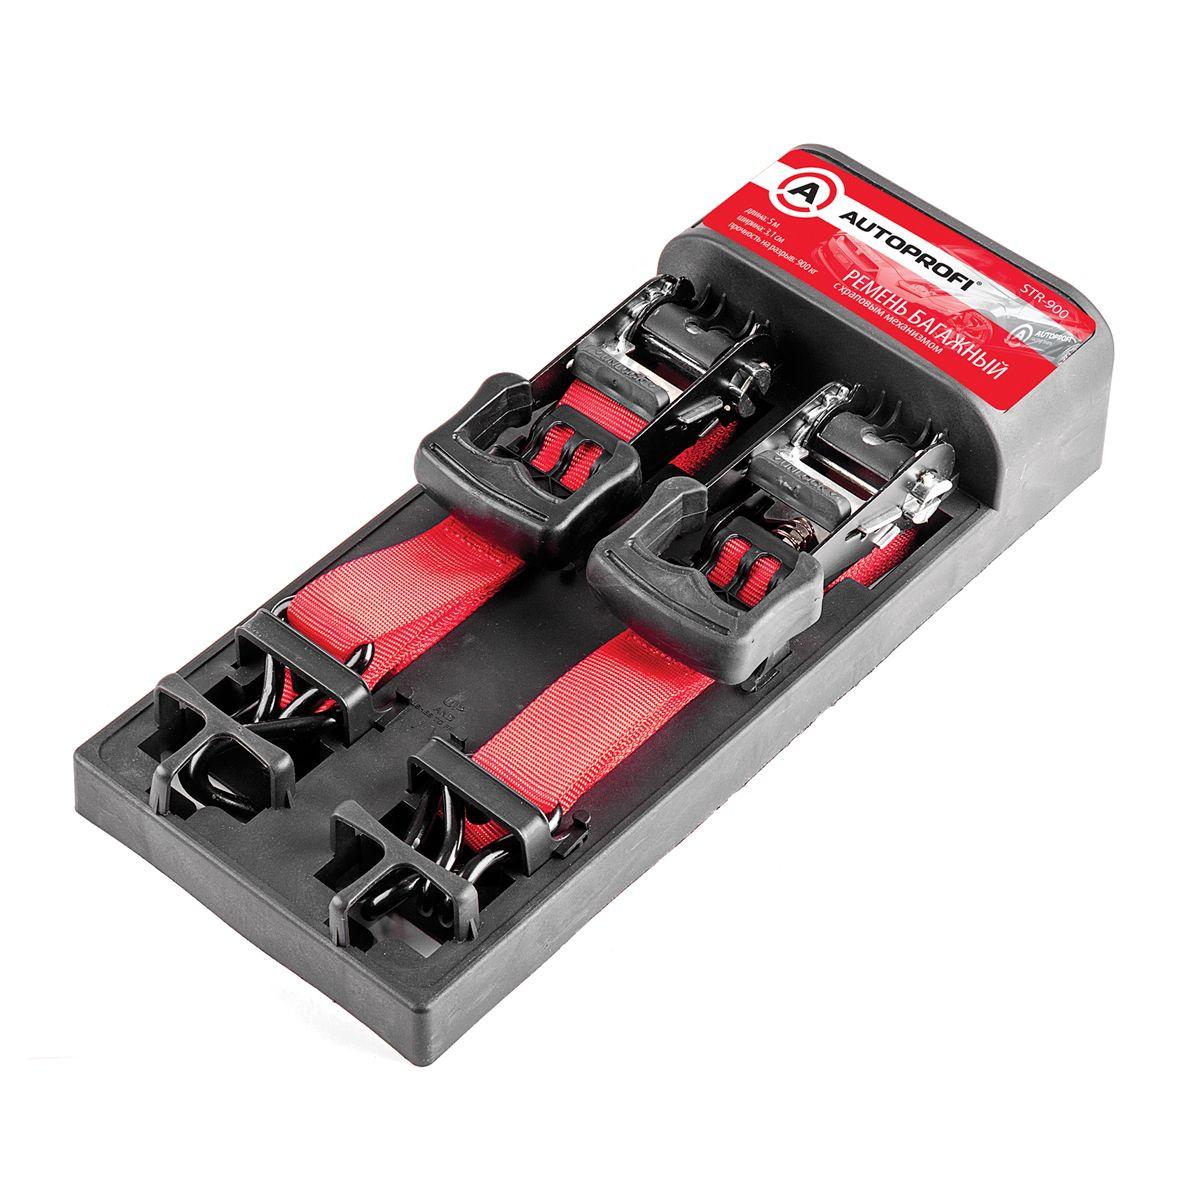 Ремень багажный Autoprofi, с храповым механизмом, 3,1 см, 5 м, 2 штSTR-900Стяжки для крепления груза Autoprofi позволят зафиксировать даже негабаритный багаж и предотвратить его повреждение при перевозке. Они могут применяться как в автомобиле, так и в остальных транспортных средствах. Кроме того, стяжки находят широкое применение в хозяйственно-бытовых нуждах. Например, с помощью стяжек груза можно закрепить багажник на автомобиле, сноуборд, доски для серфинга, строительный материал и многое другое.Длина: 5 м.Ширина: 3,1 см.Прочность на разрыв: 900 кг.